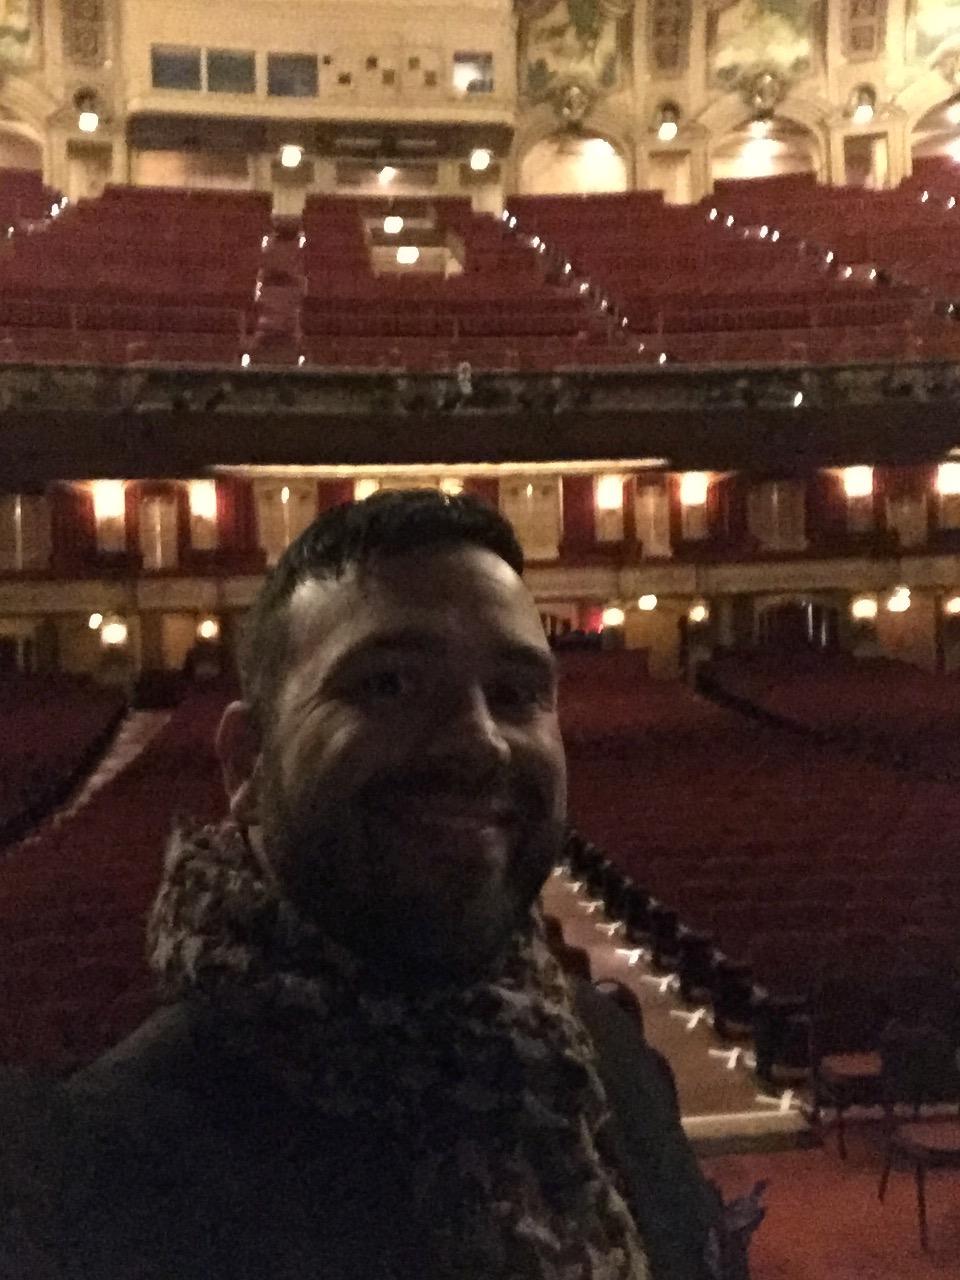 empty Chicago Theatre